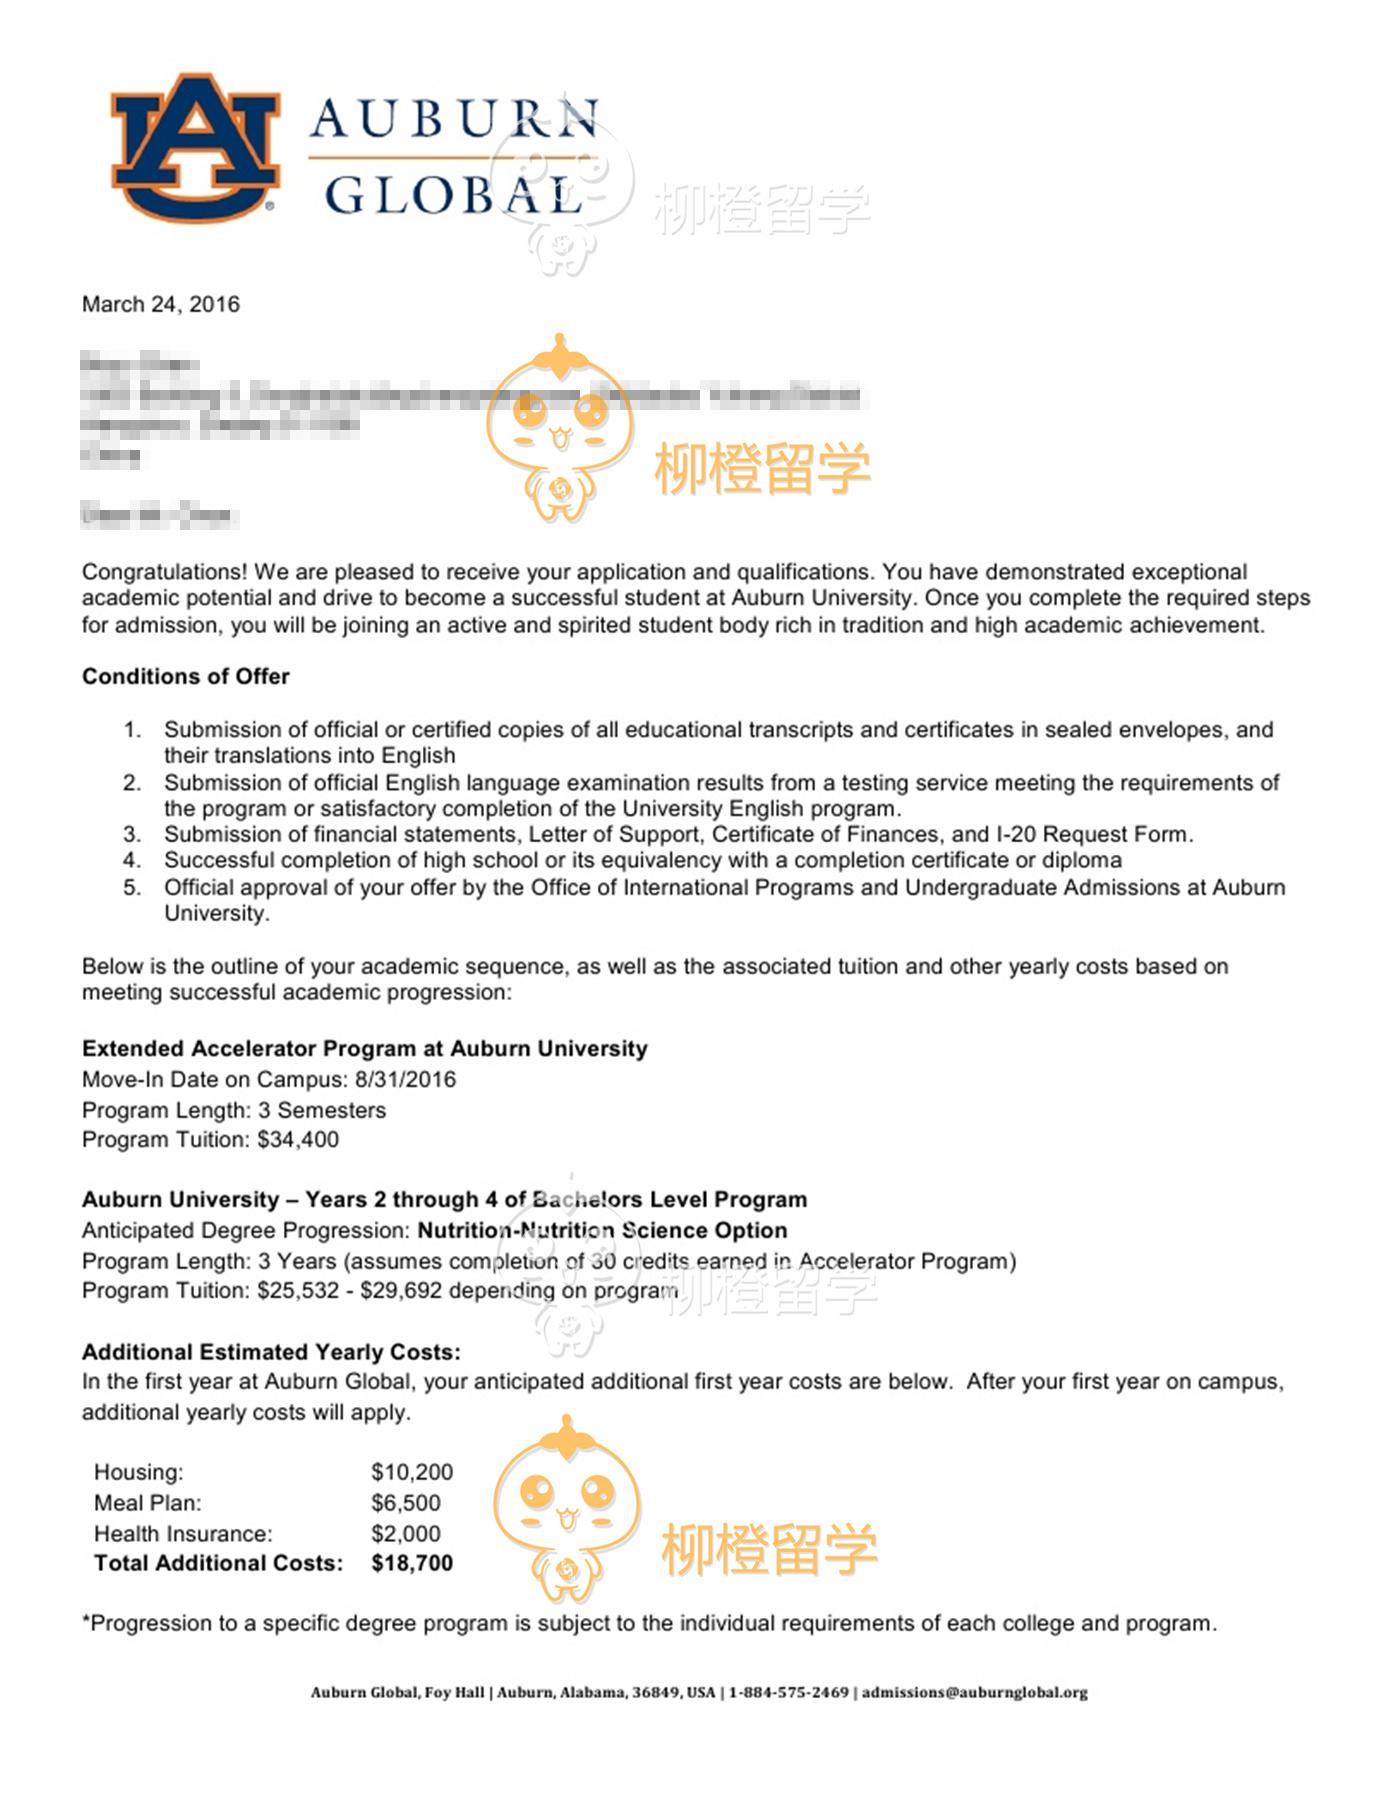 陈同学申请新西兰Auburn University美国本科留学成功案例-柳橙网